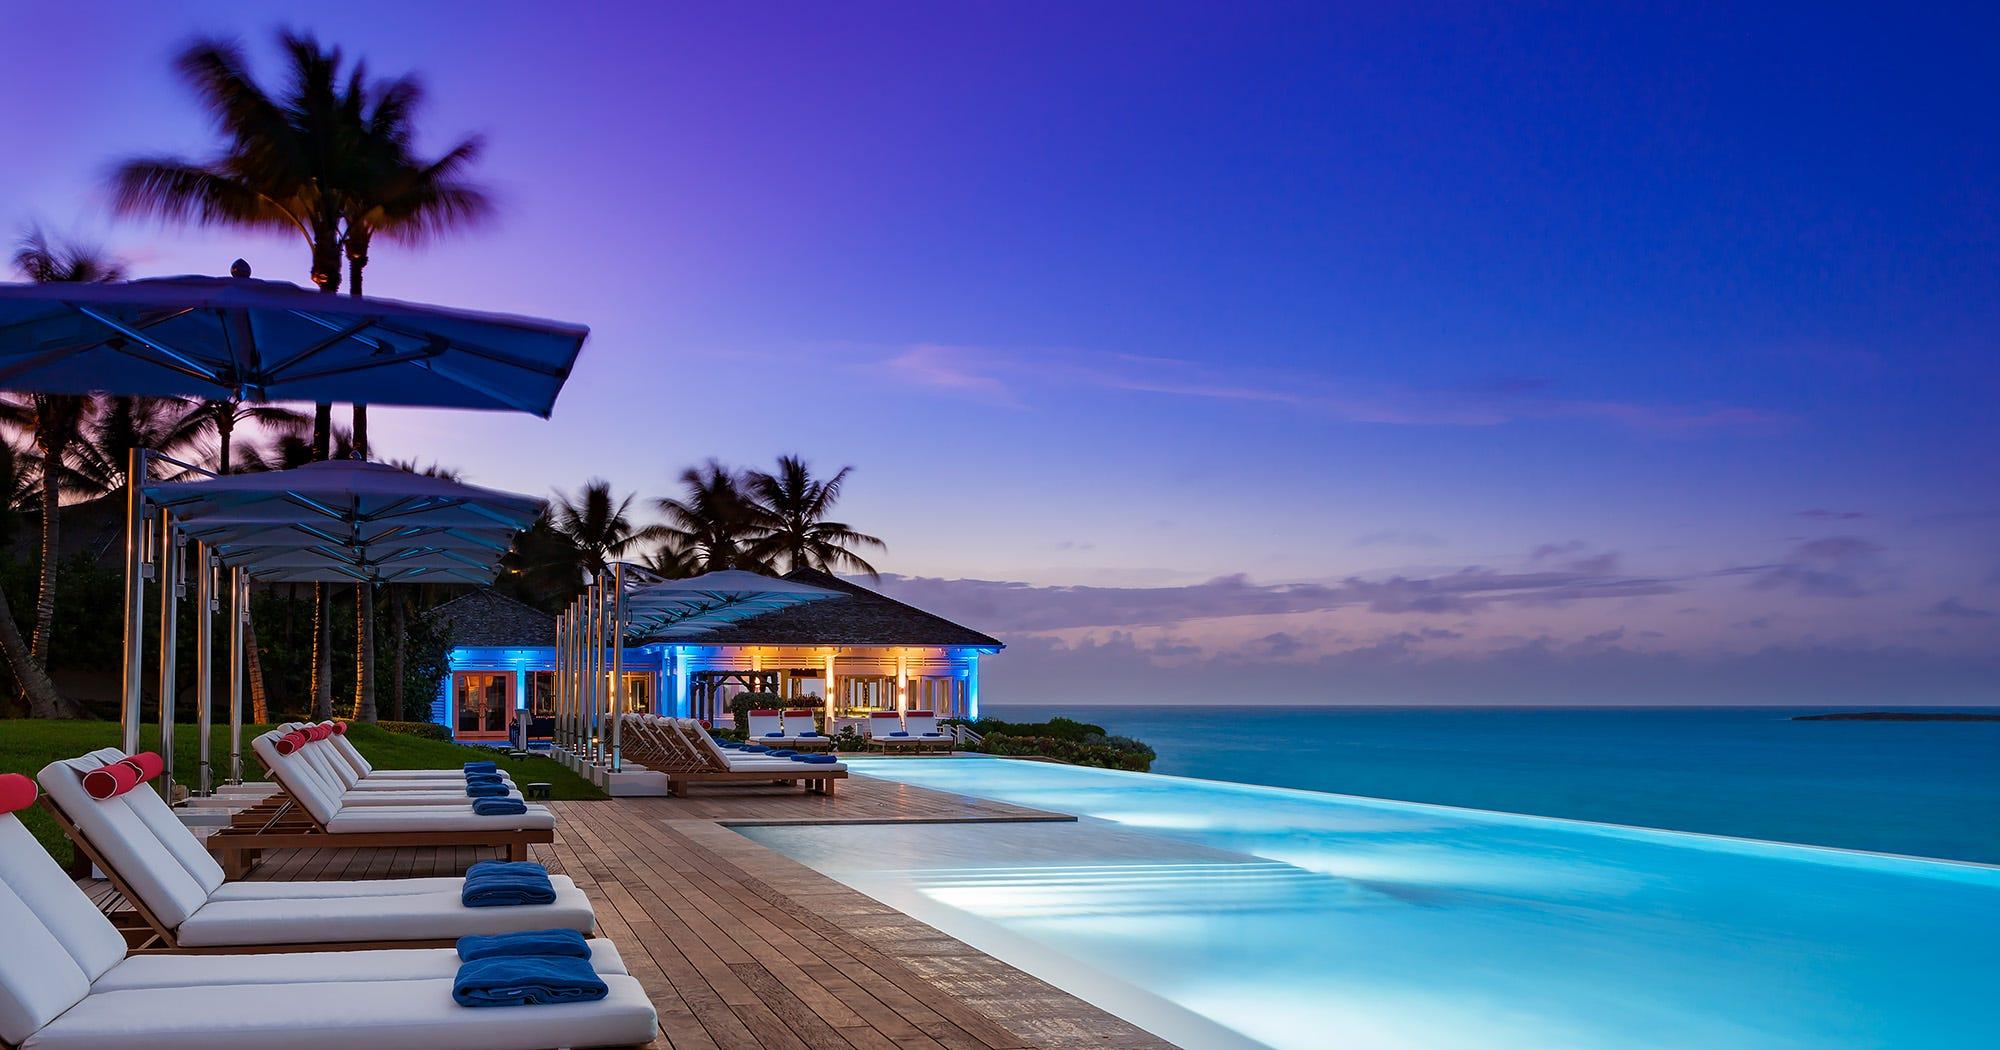 Best Bahamas Resorts Hotels Vacations